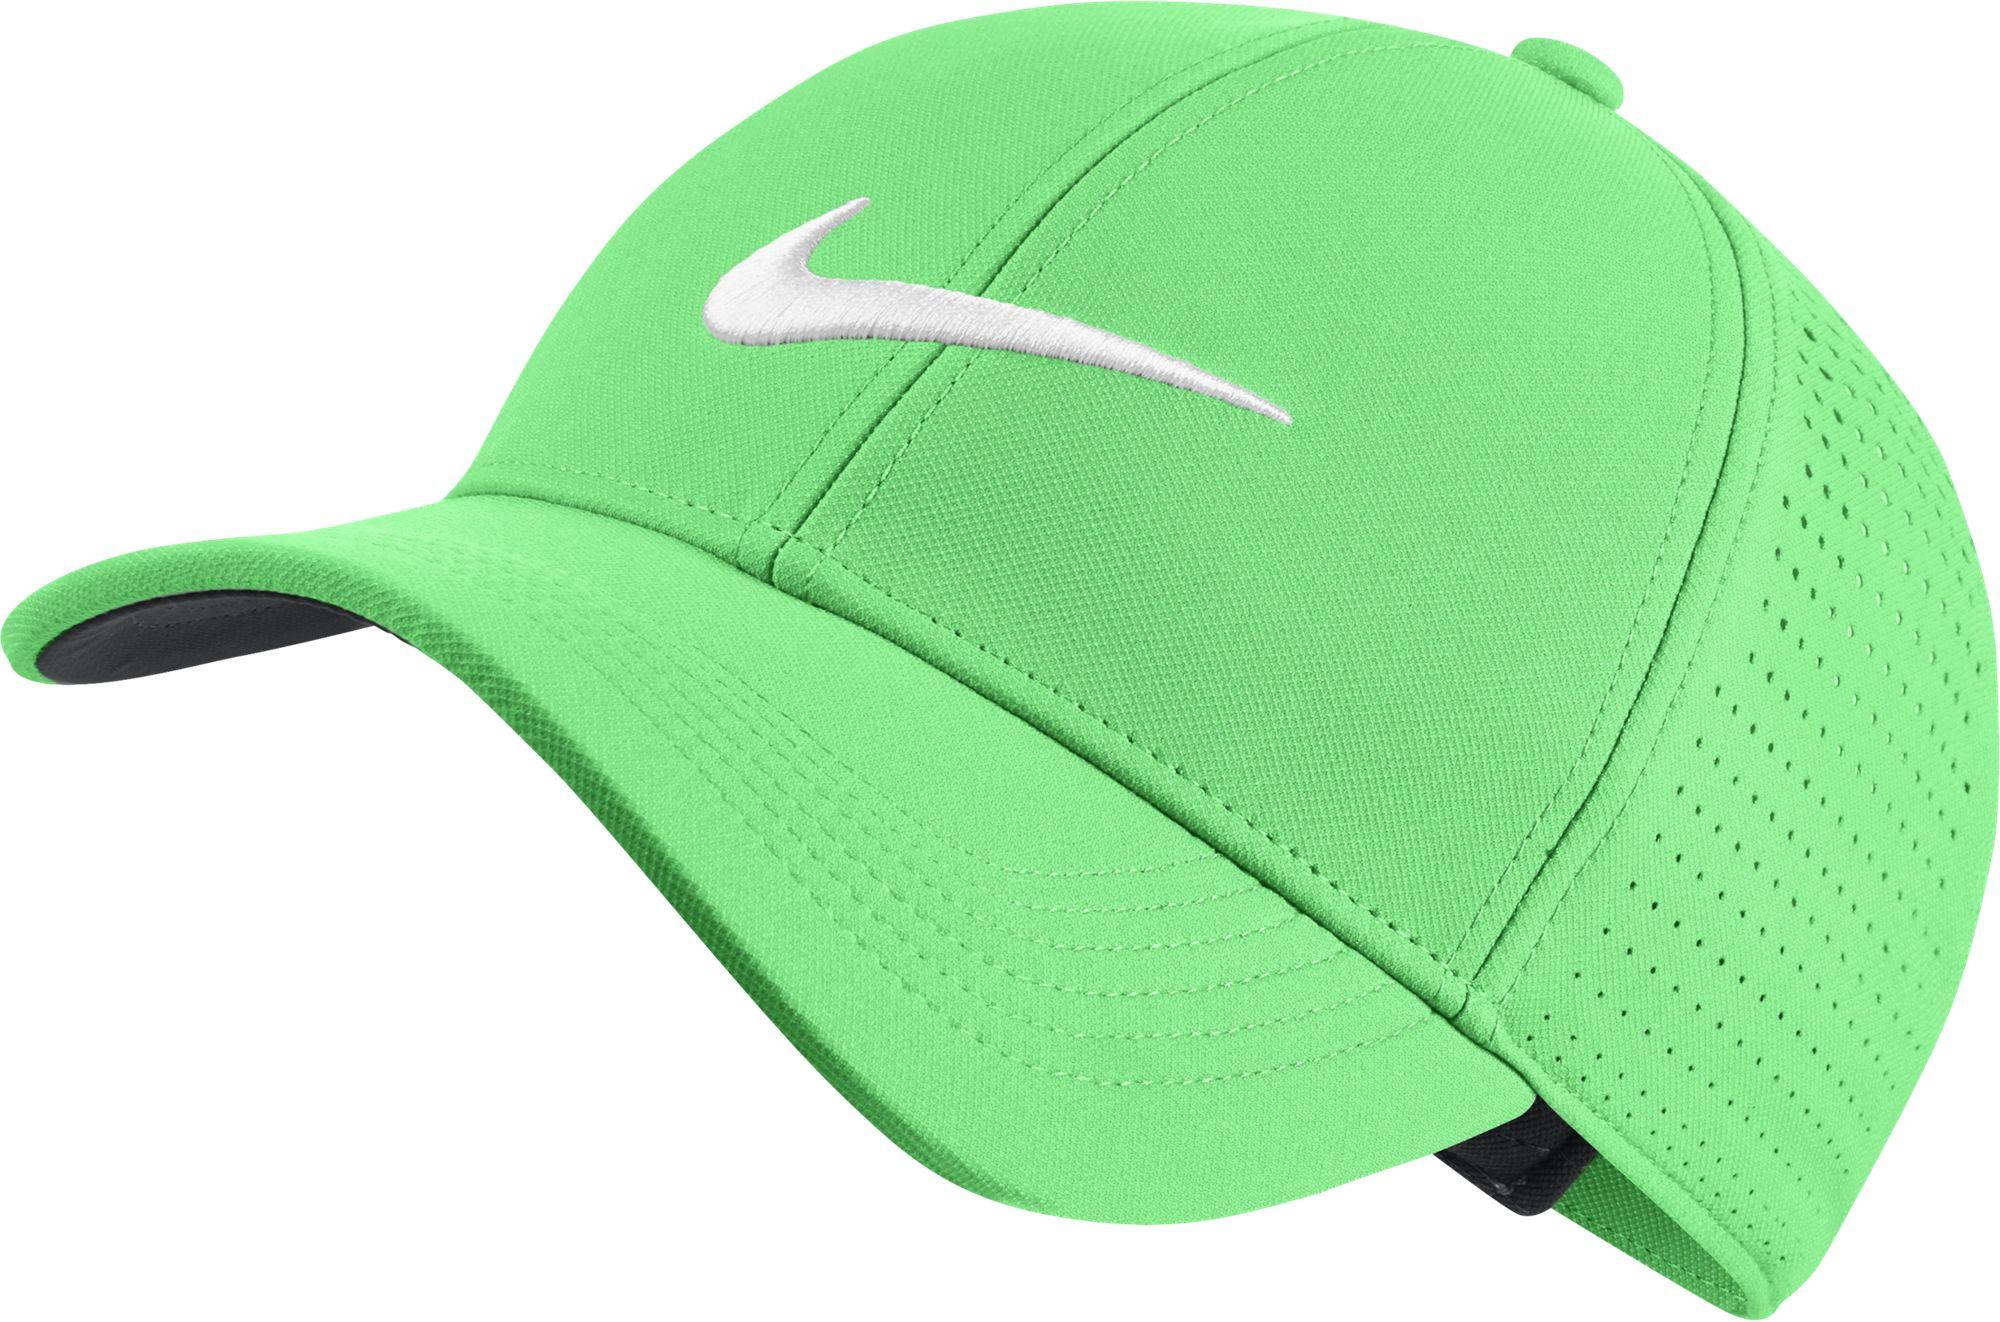 Cắt laser trên vải may mũ nón giá tốt tại Khải Hoàn